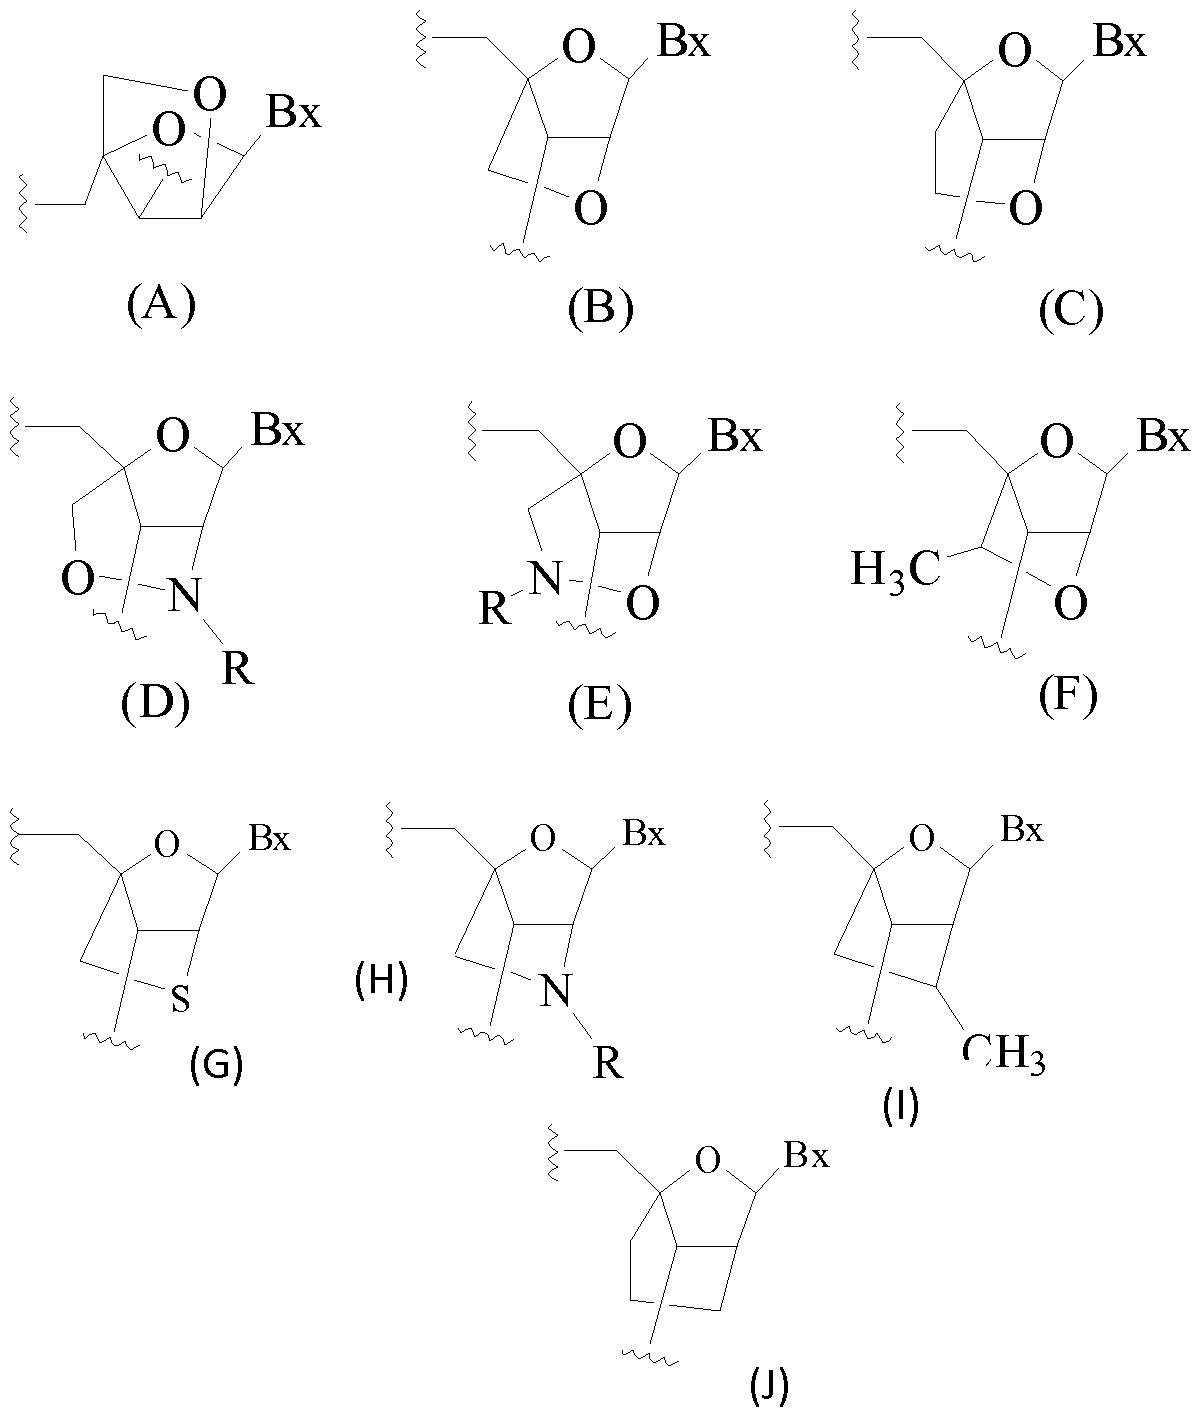 Figure imgf000397_0002